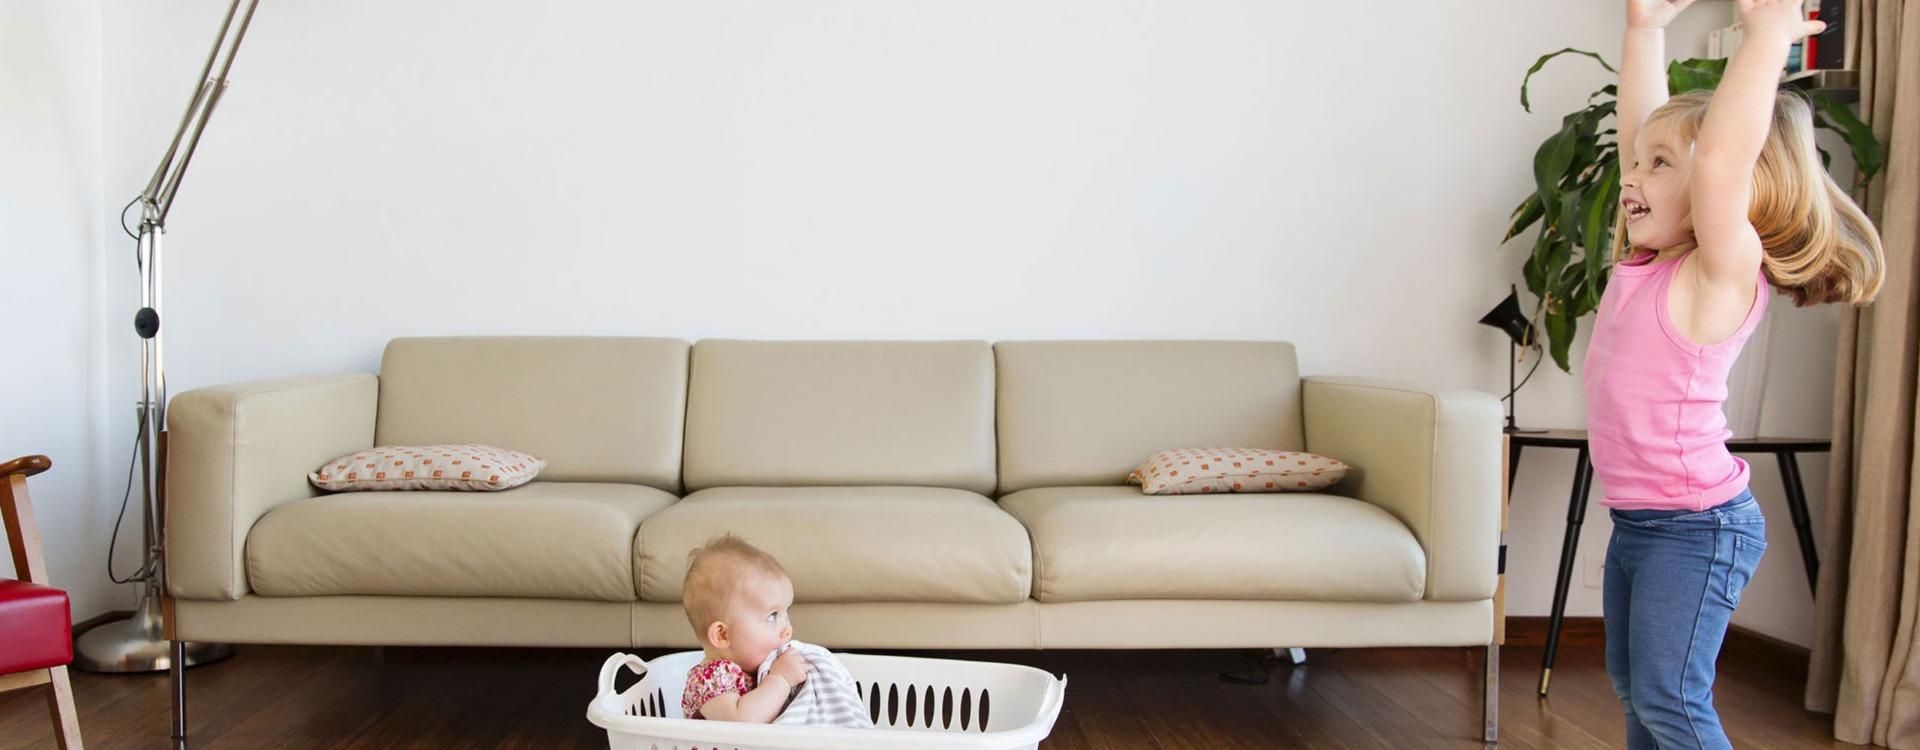 Da li je Nokia Home baby i kućni monitor?